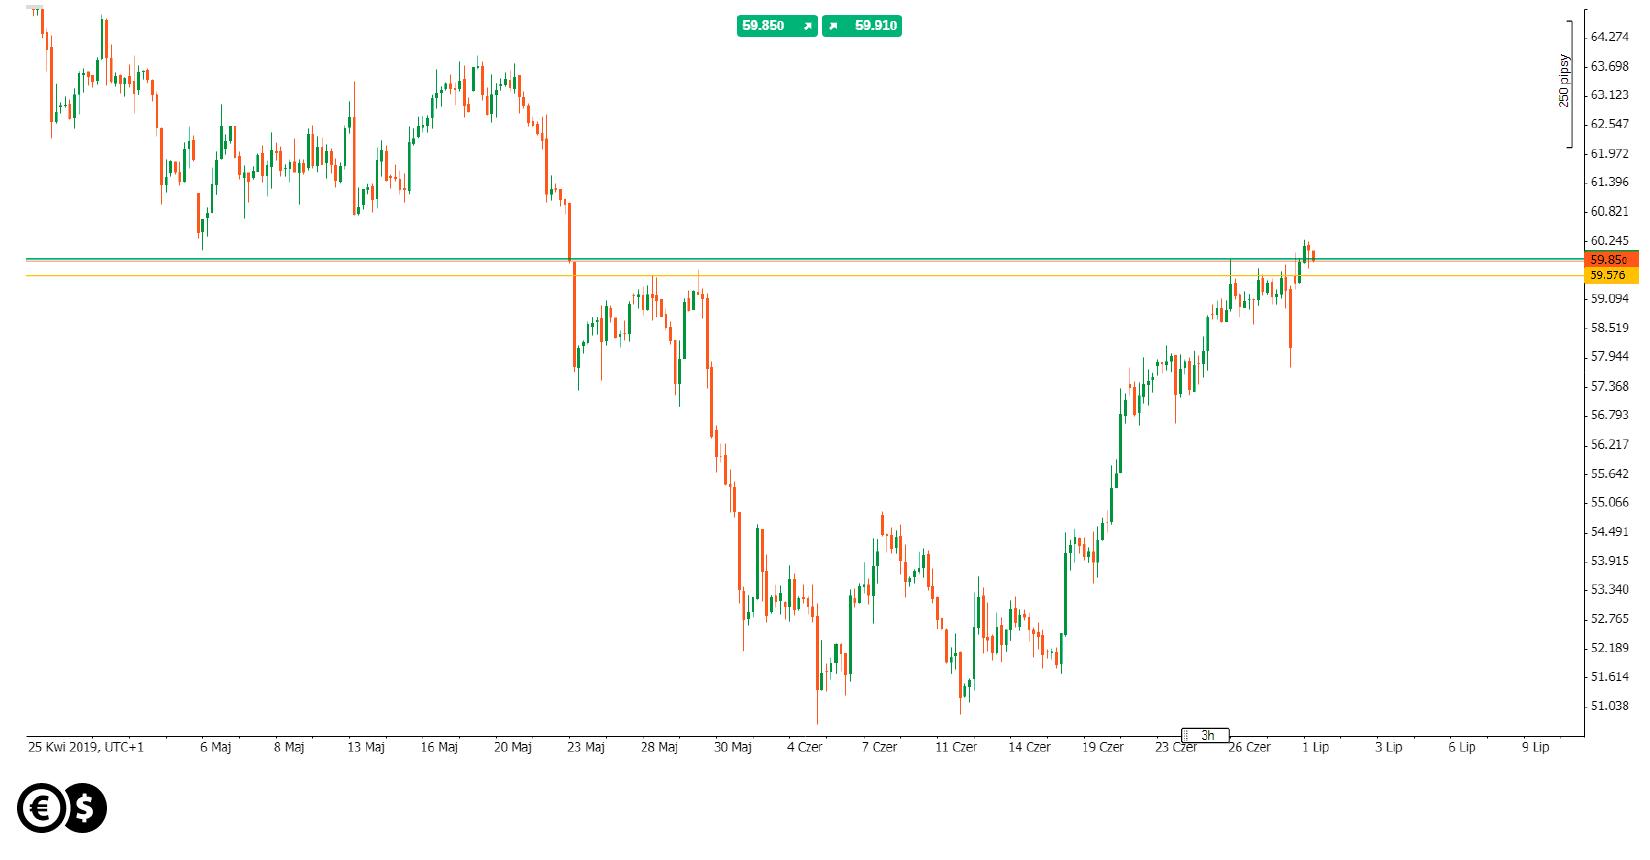 Wykres ceny baryłki WTI